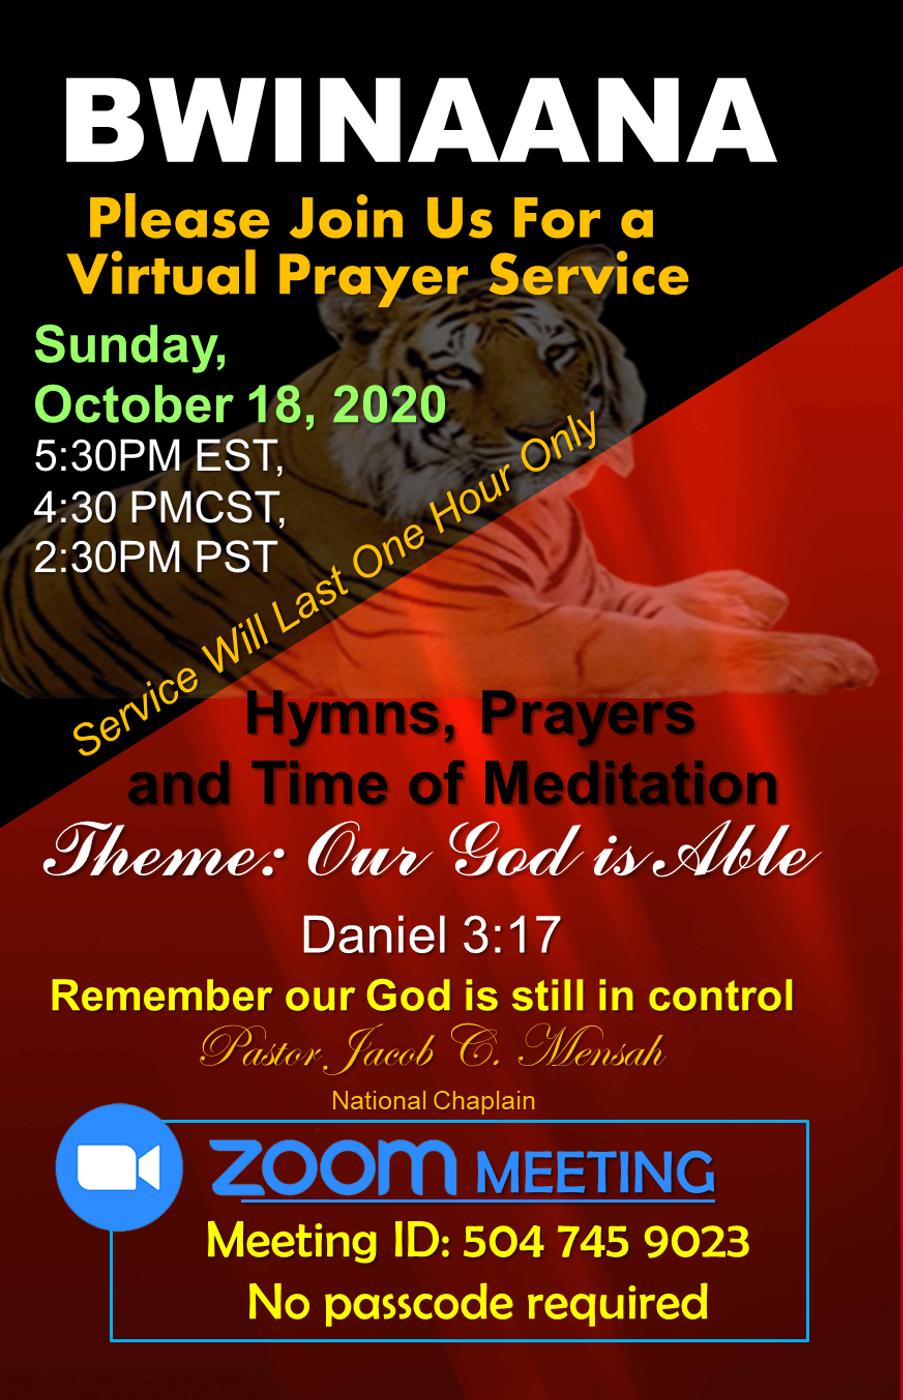 BWINAANA VIRTUAL PRAYER SERVICE5.PNG